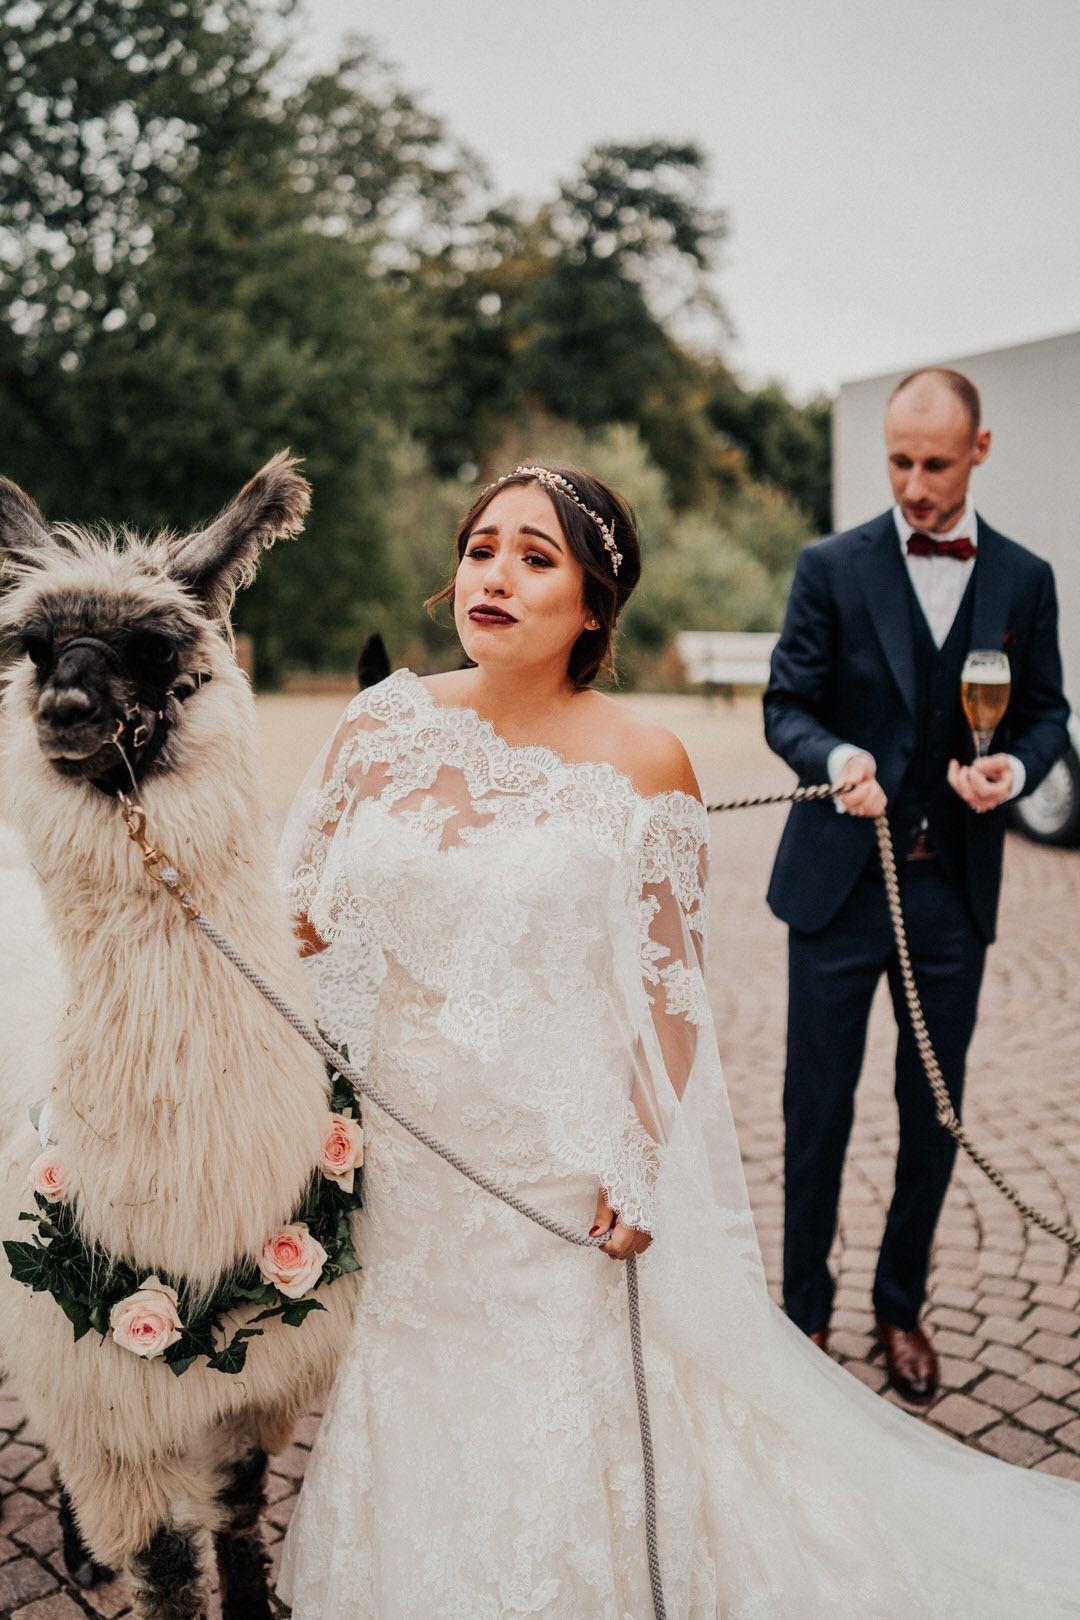 Hochzeitsfotograf Wiesbaden Hochzeitsfotos Im Jagdschloss Platte Hochzeitsfotograf Hochzeitsfotos Hochzeitsfotografie